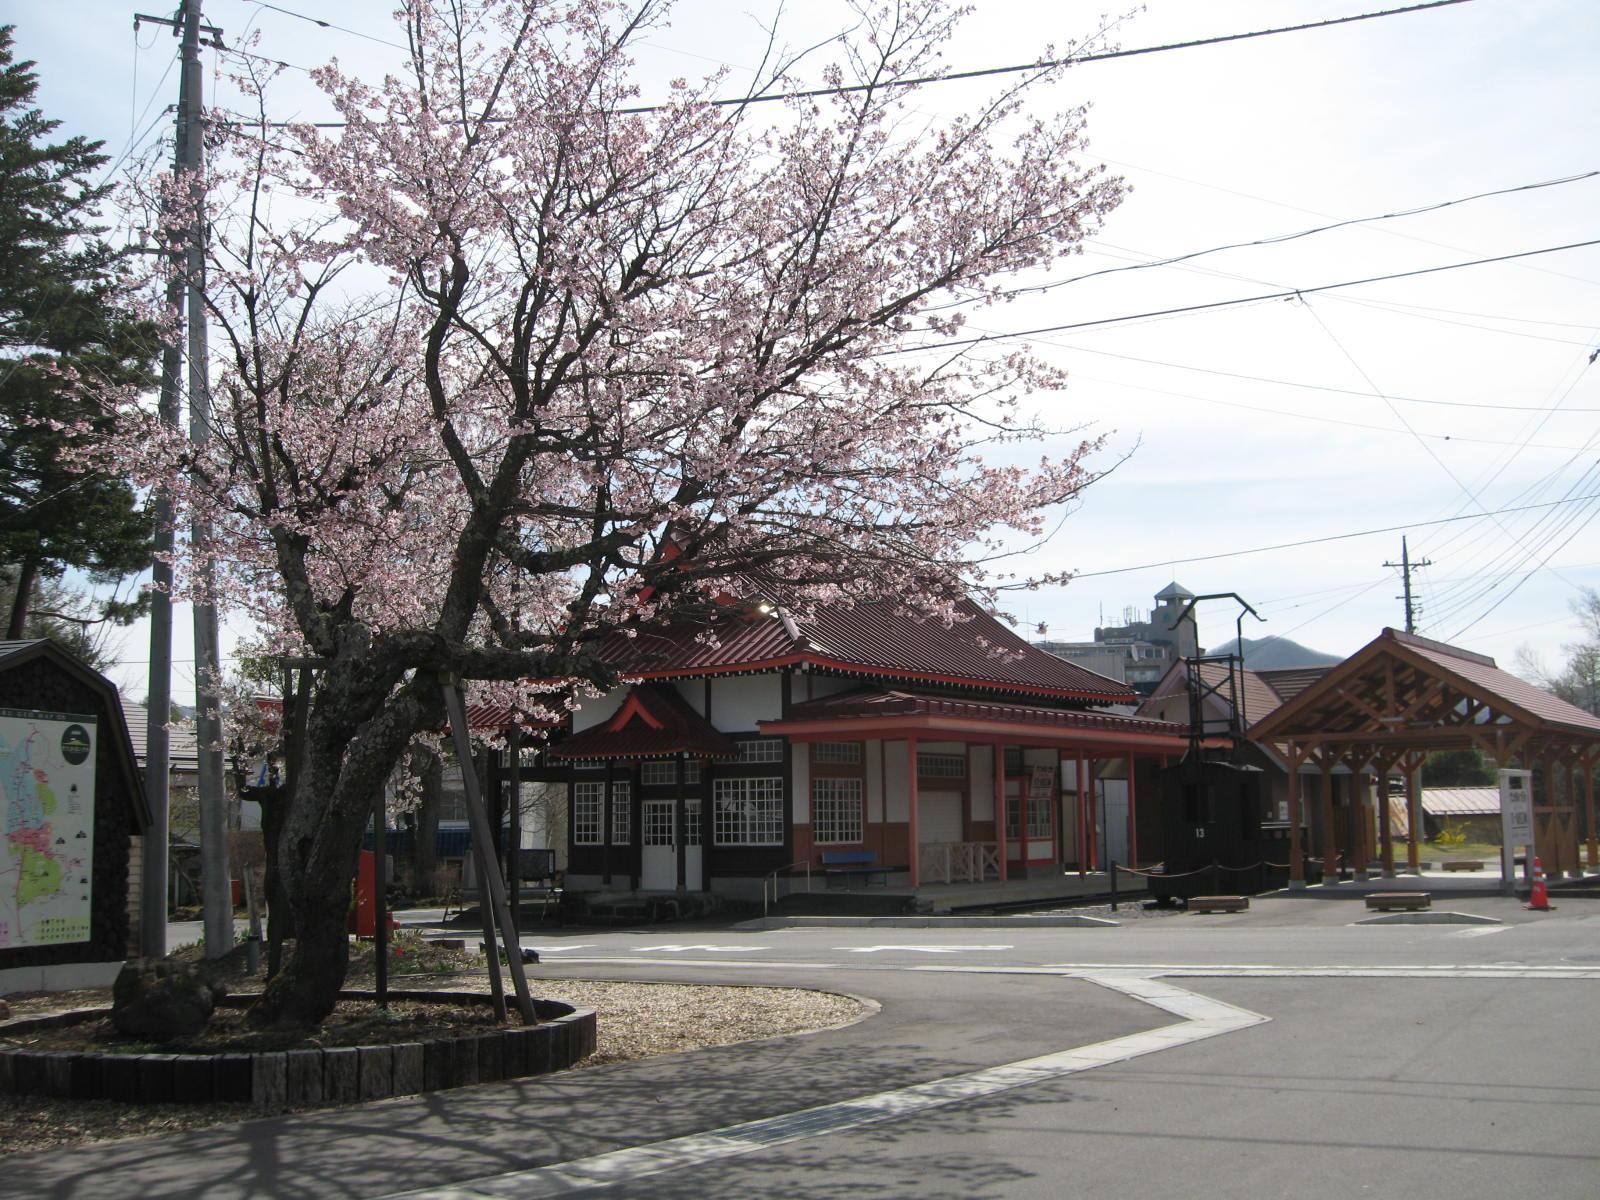 桜が咲いた!_f0146620_23371951.jpg